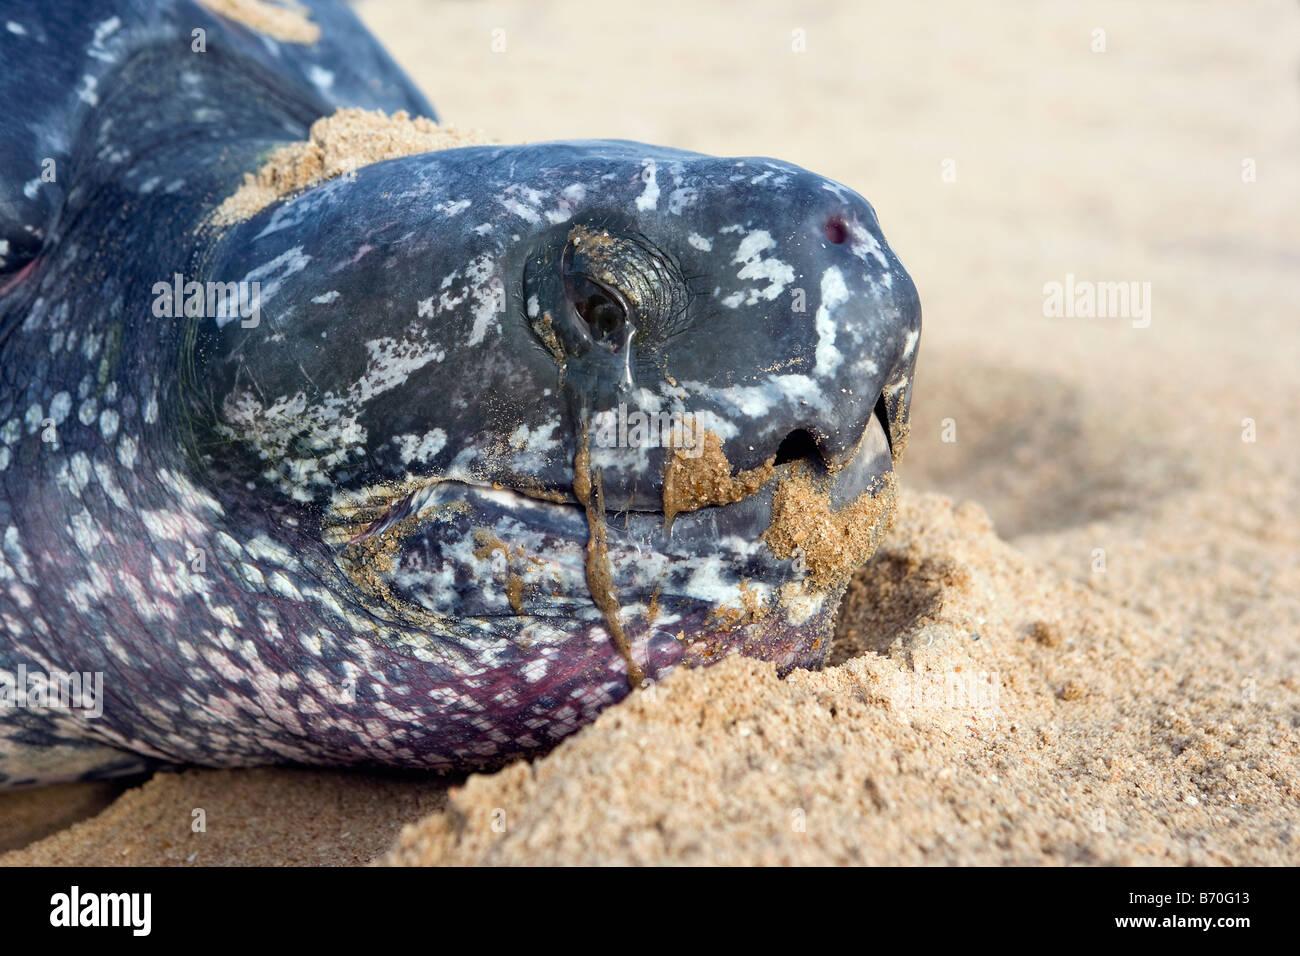 Il Suriname, Matapica Parco Nazionale. Tartaruga Liuto. Close-up di testa. (Dermochelys coriacea). Immagini Stock